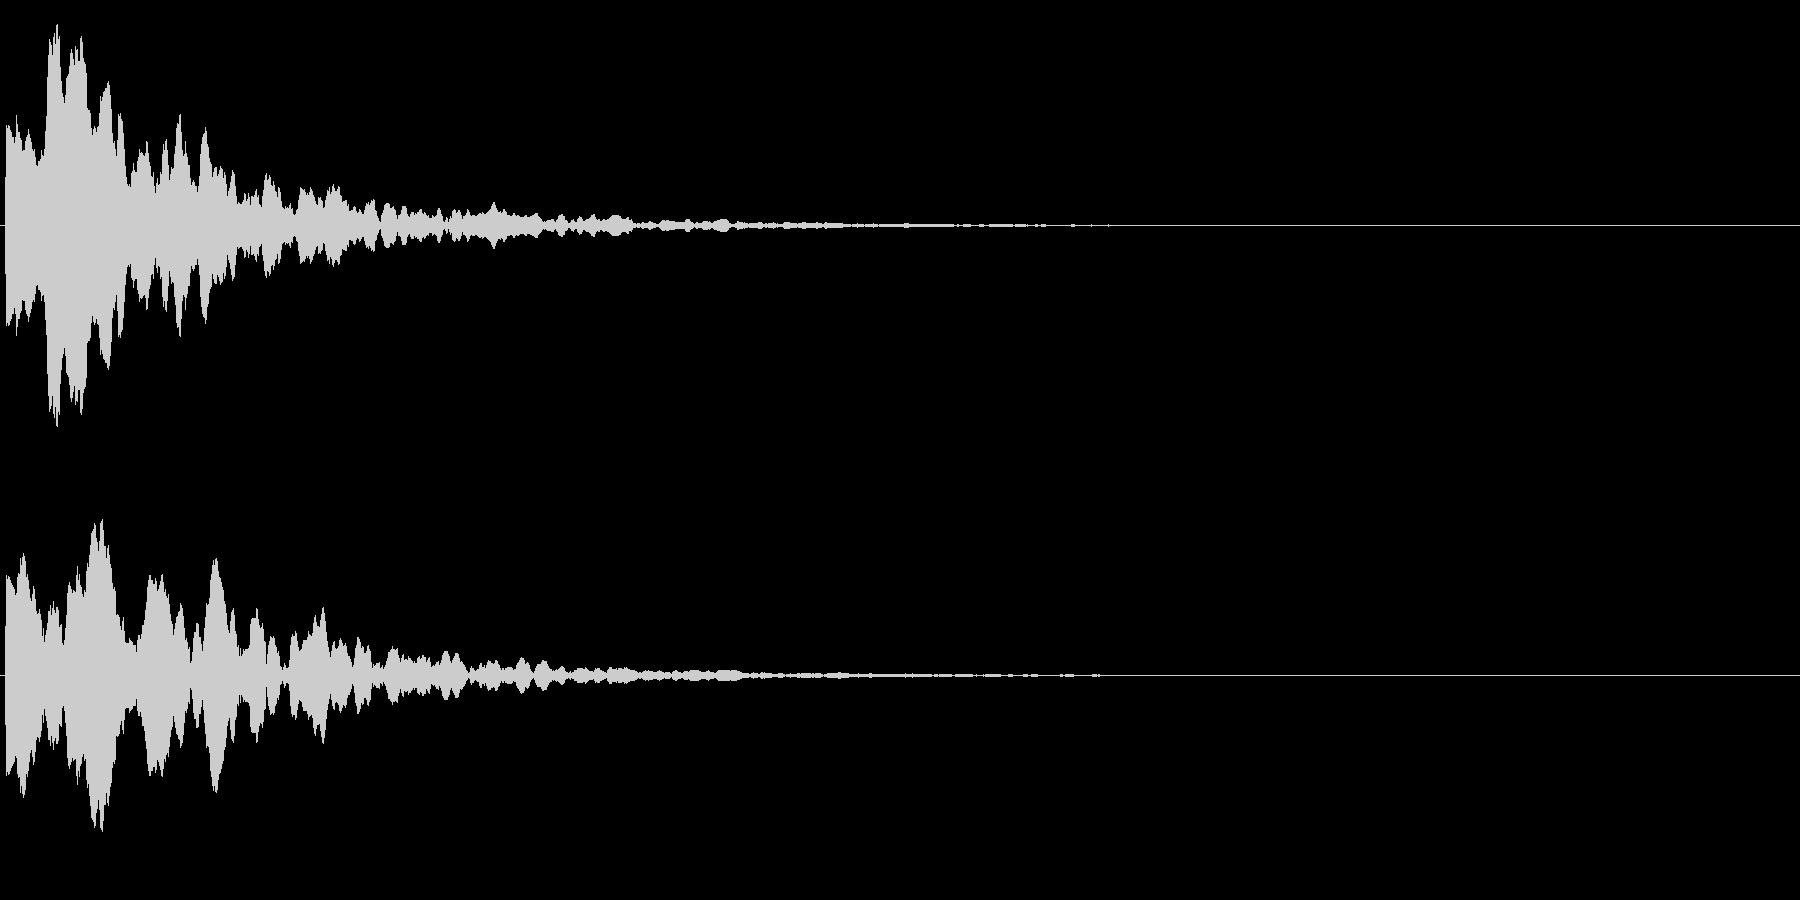 ゲームスタート、決定、ボタン音-145の未再生の波形